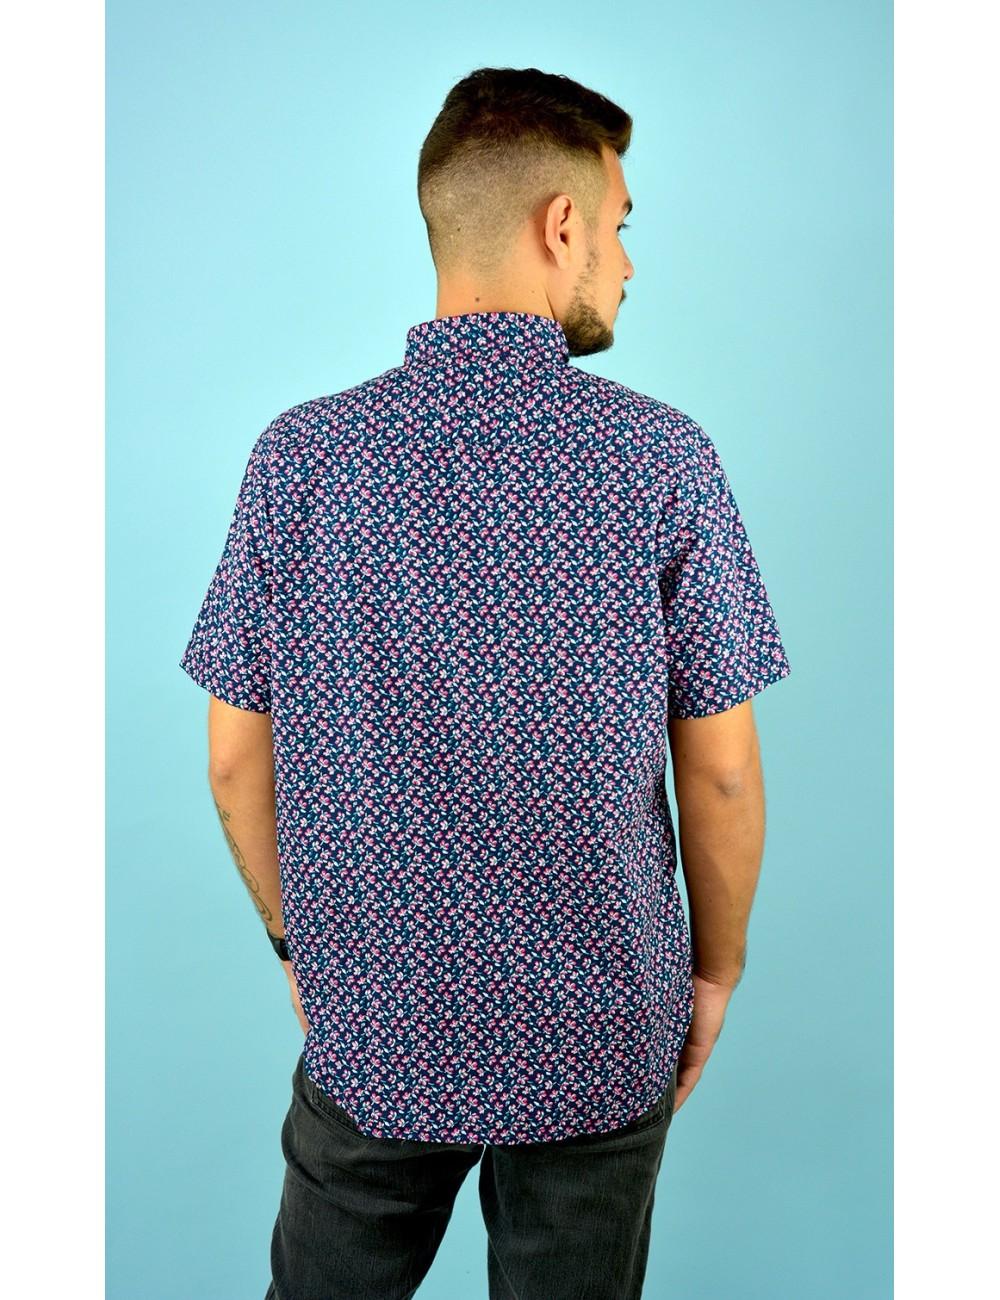 Camisa azul con estampado floreado